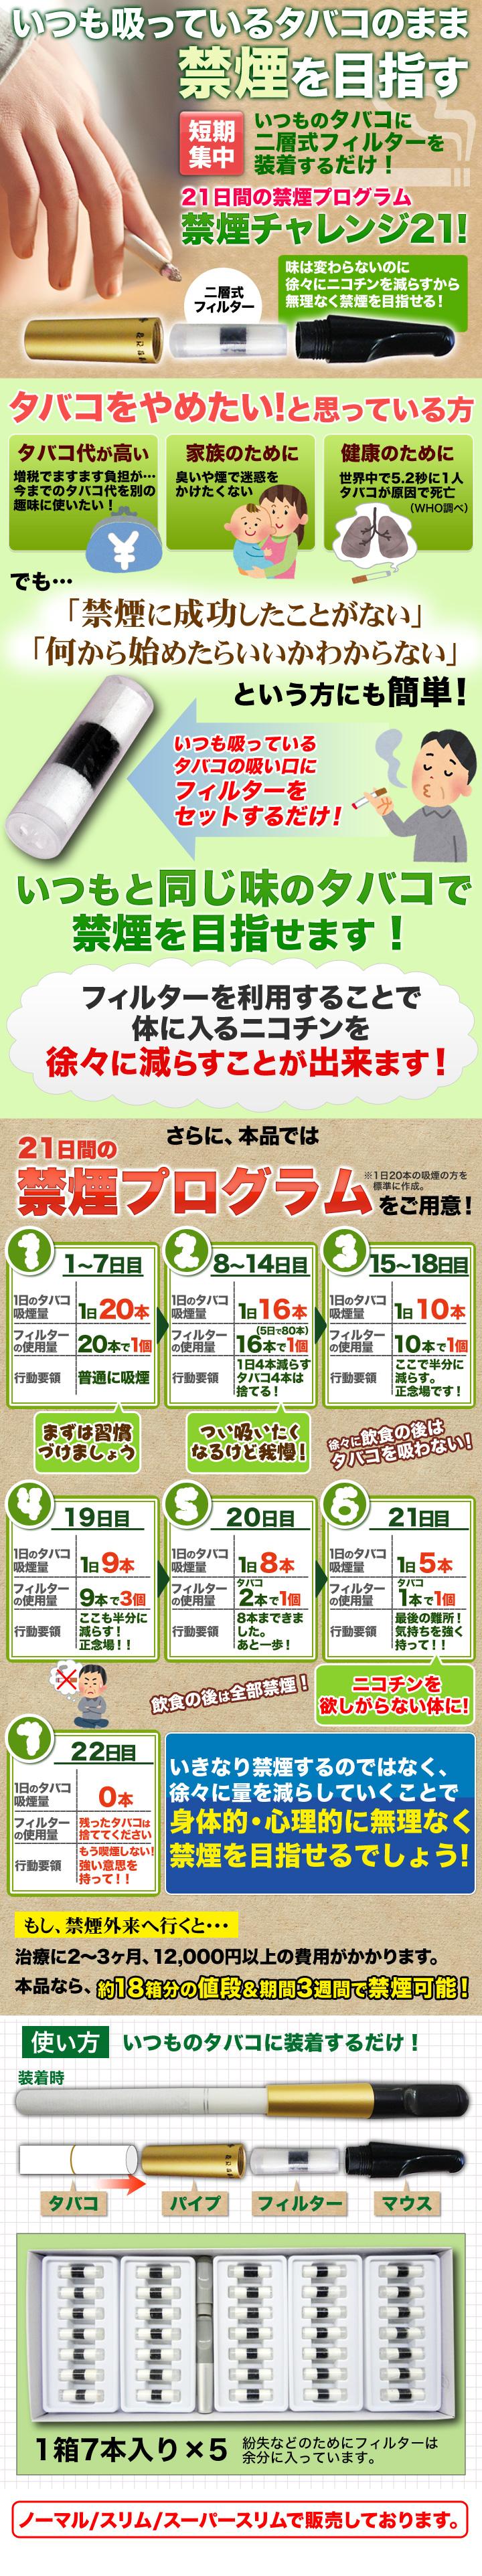 禁煙チャレンジ21!